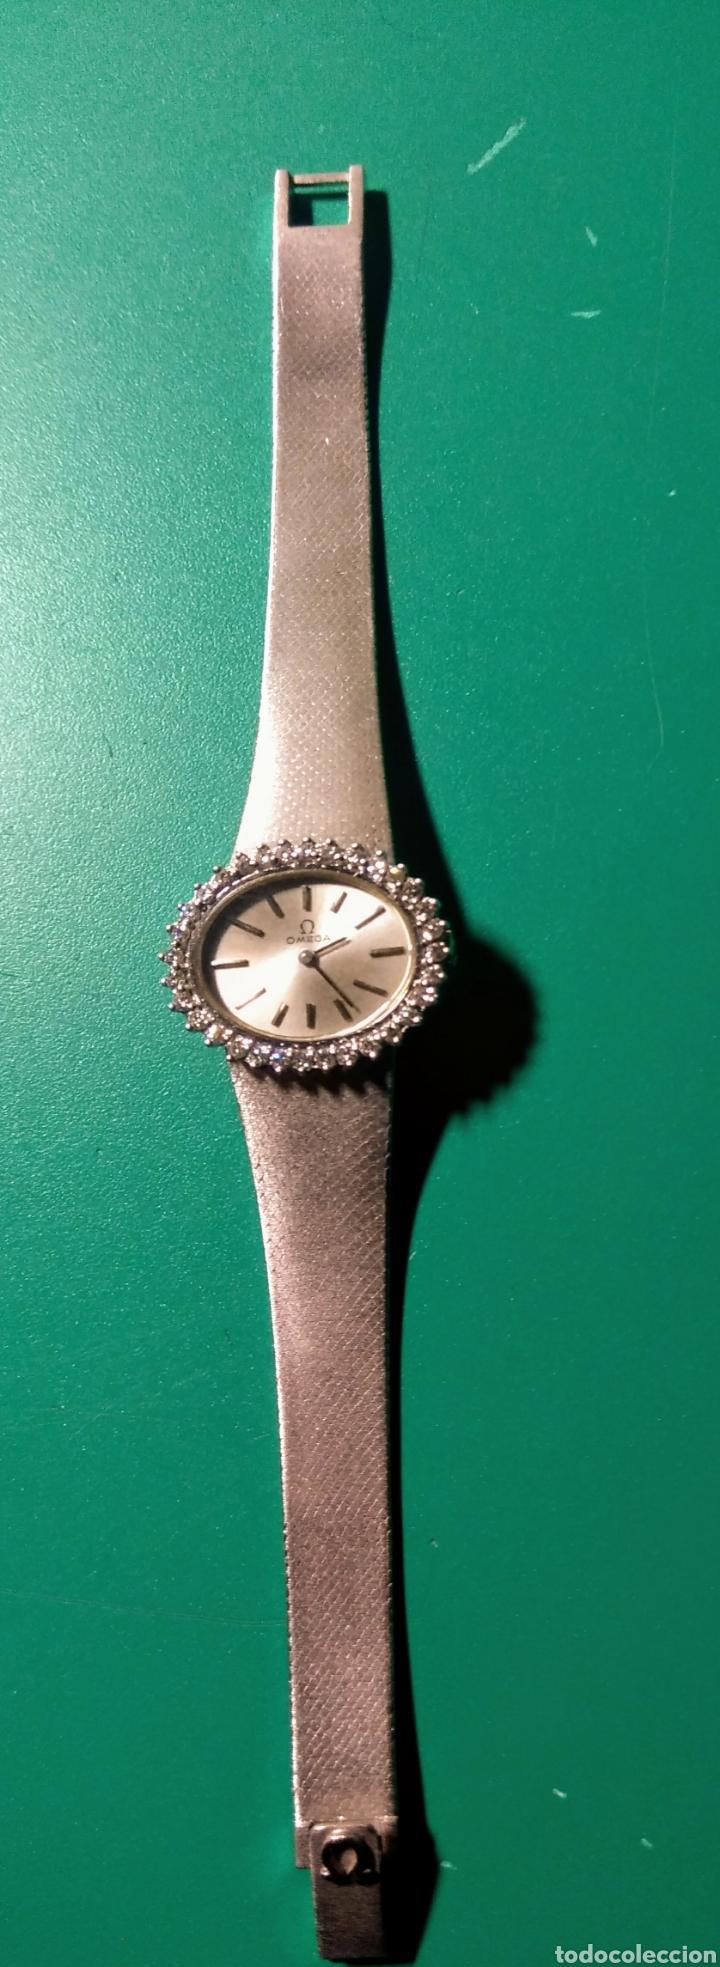 Relojes - Omega: Reloj con brillantes. Omega, oro blanco 18k. - Foto 4 - 144292024